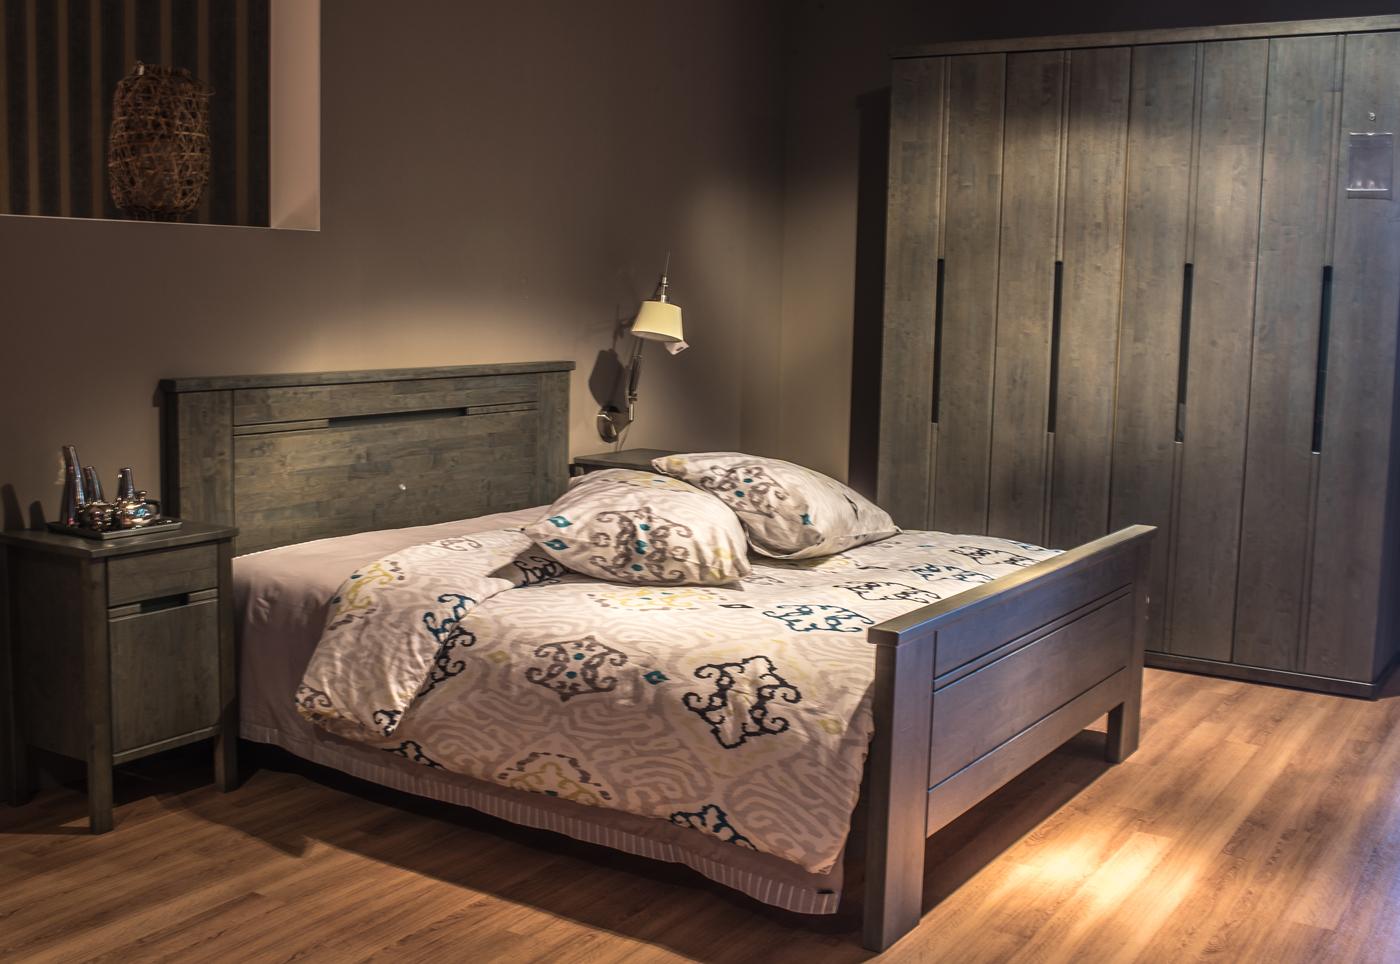 Slaapkamer warme kleuren bruin kleur van aarde maar ook